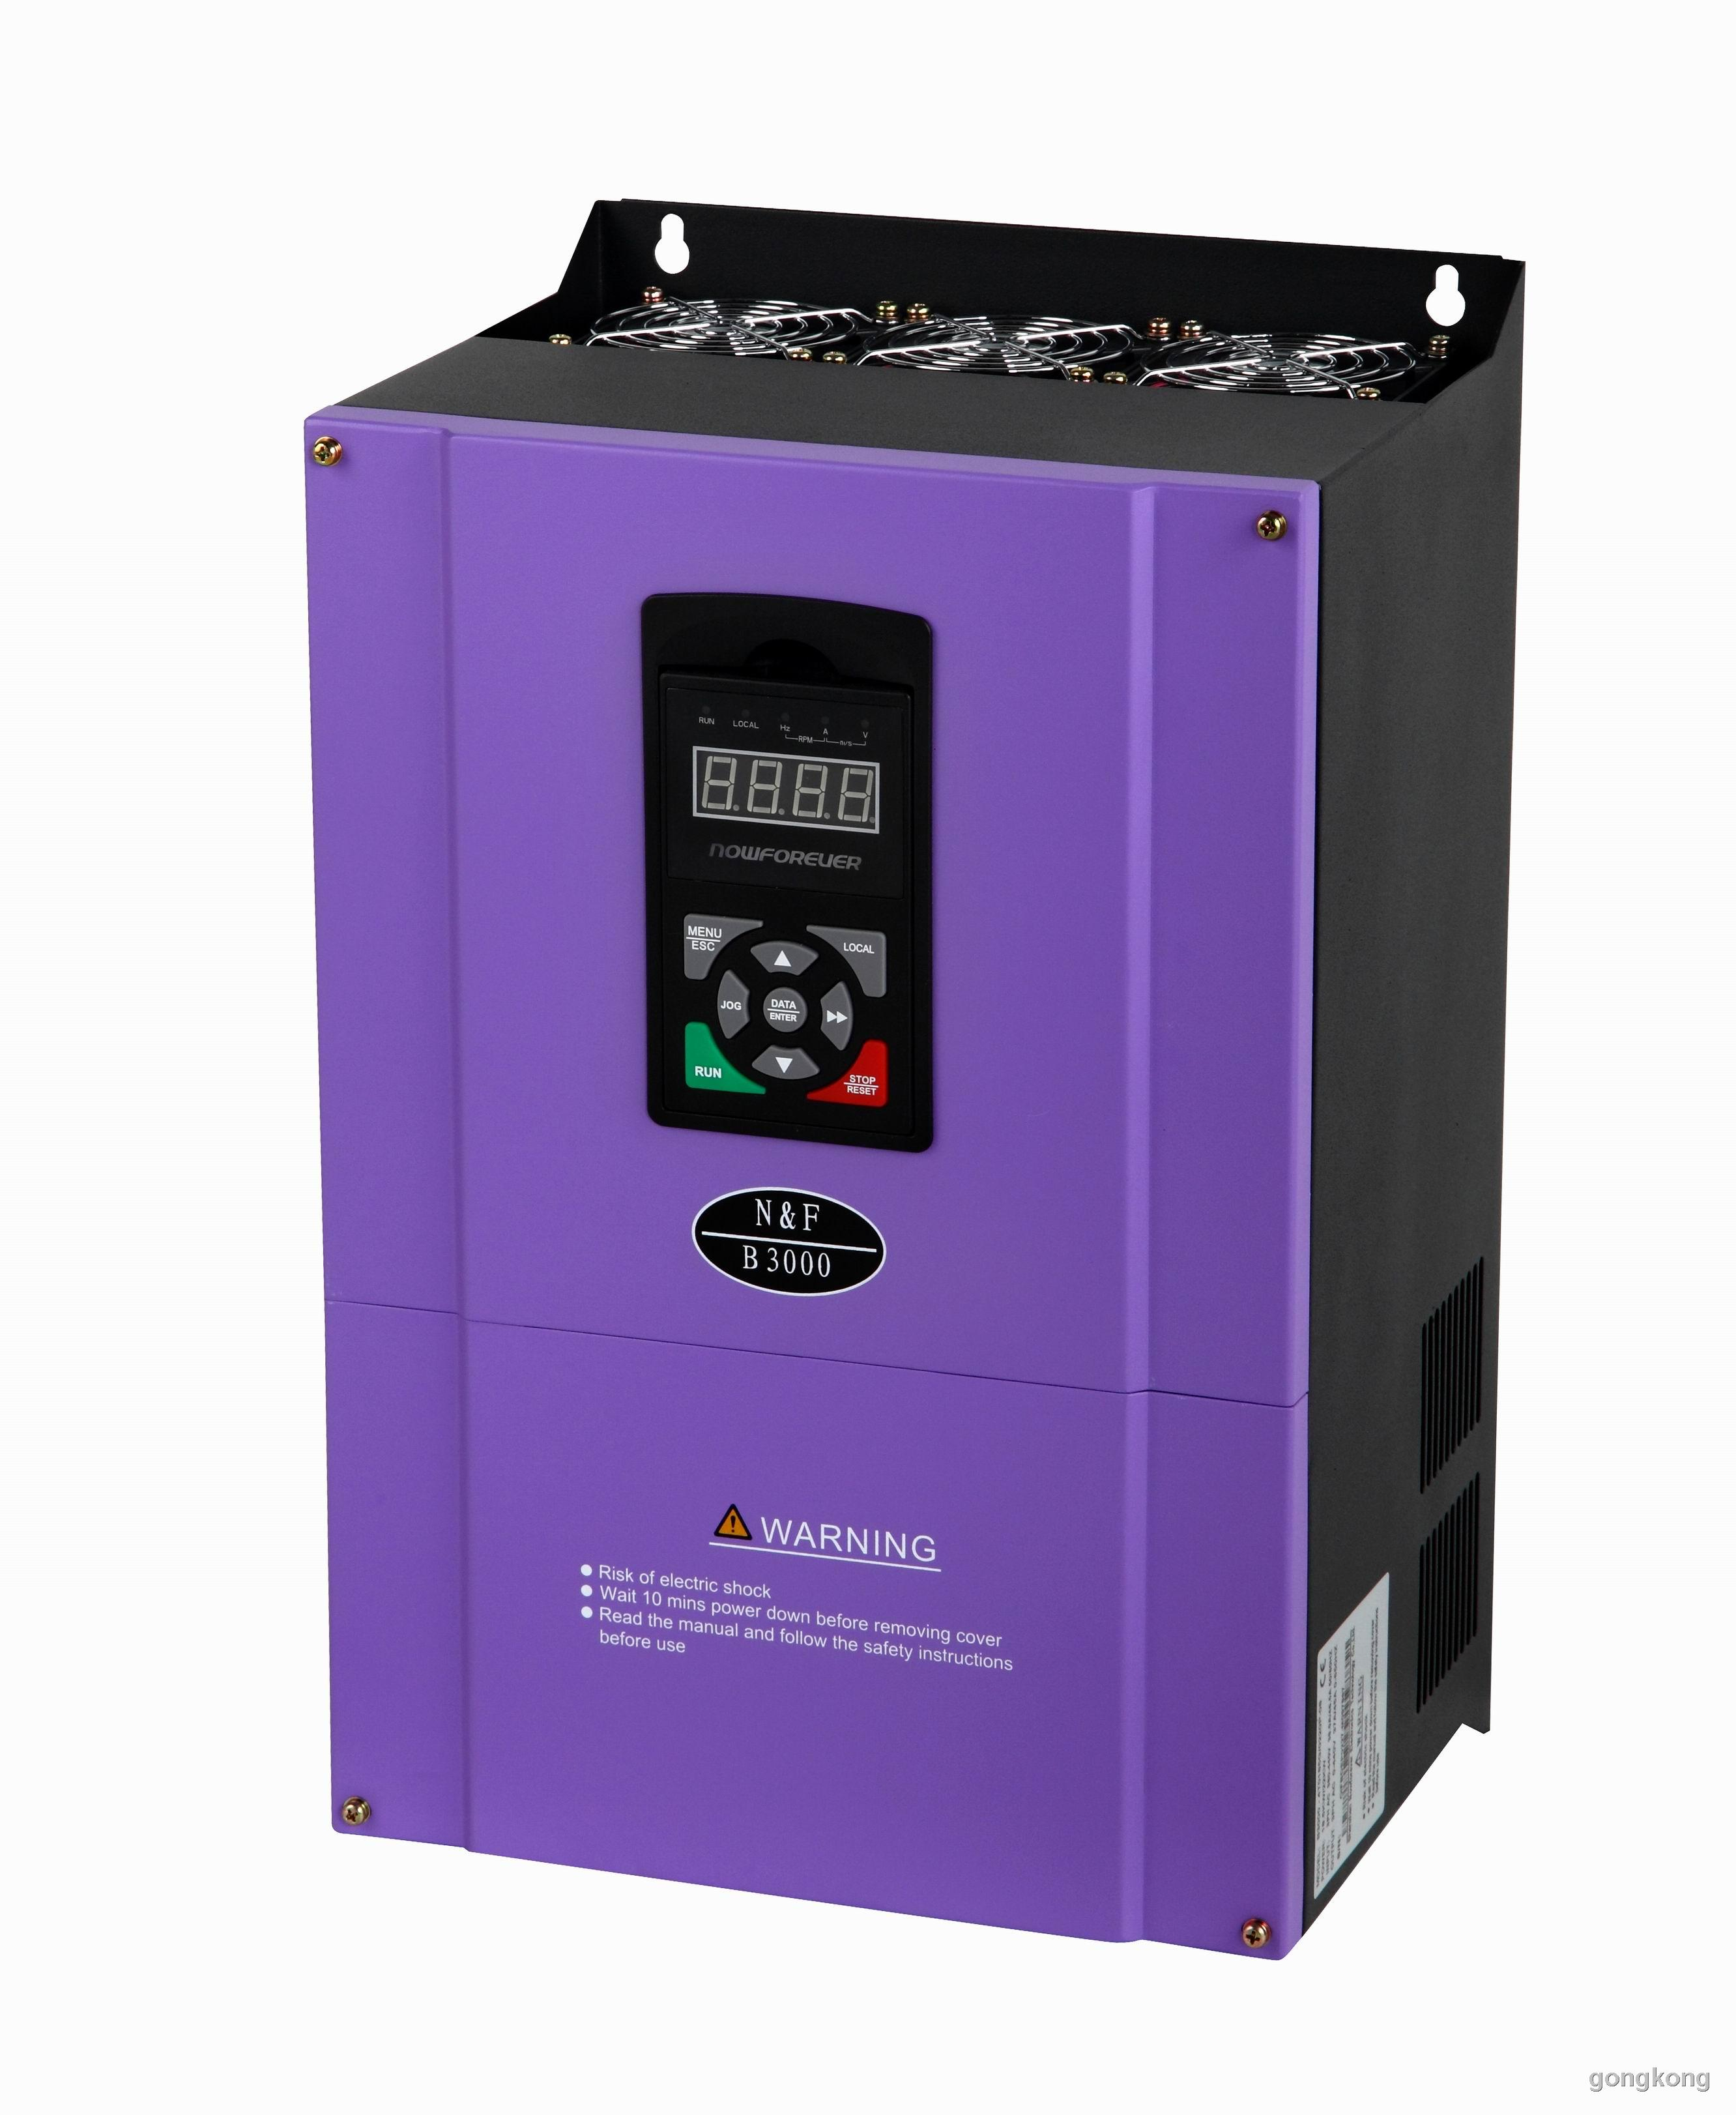 南方安華 B3000系列(18.5∼30 kW)變頻器